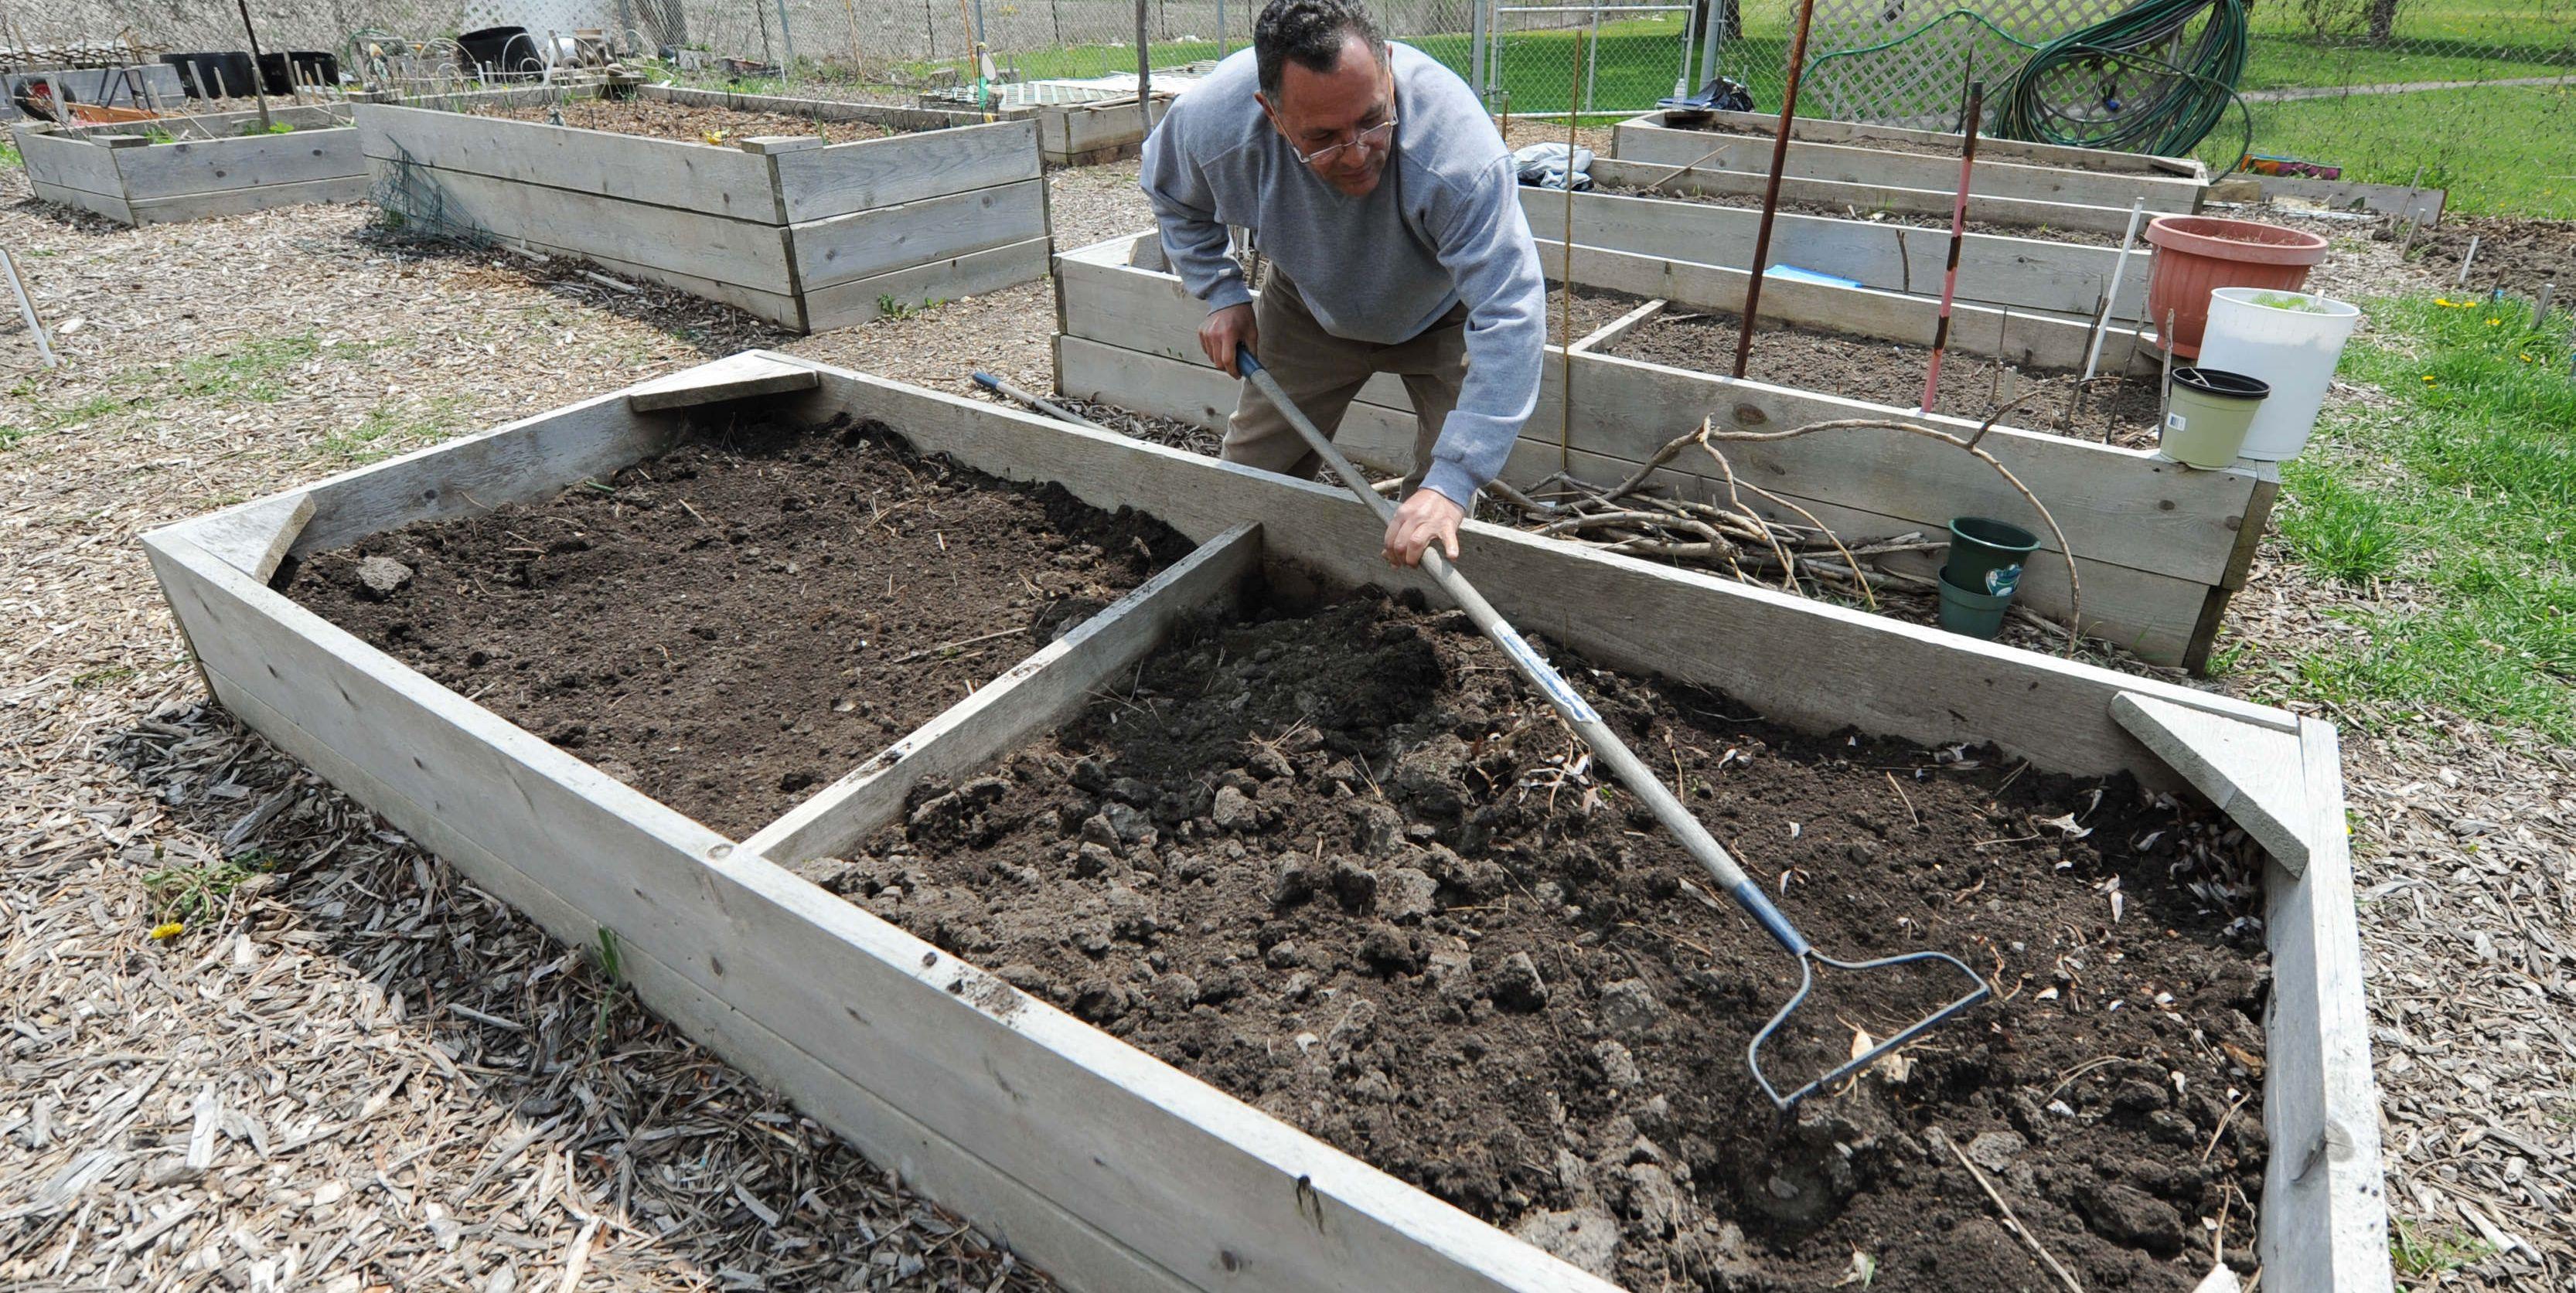 How to Build Raised Garden Bed Best Raised Garden Beds